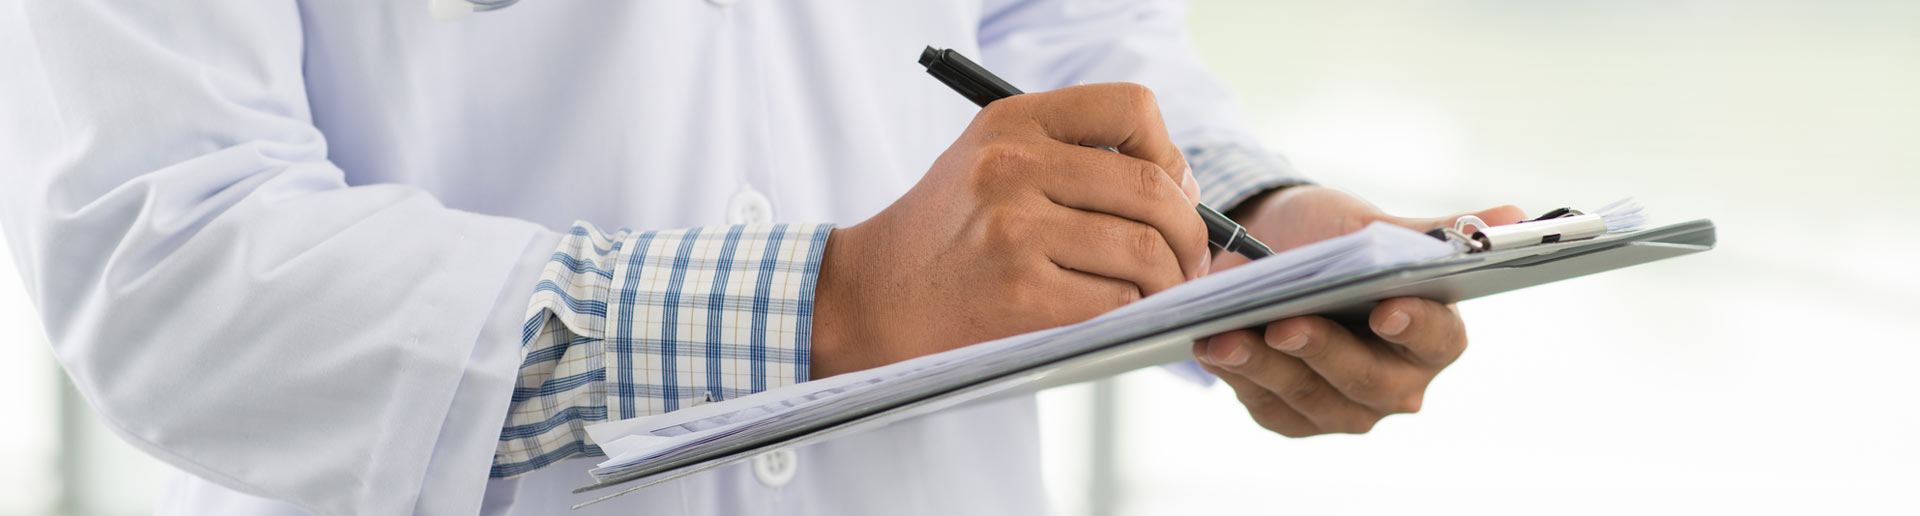 רשומות רפואיות